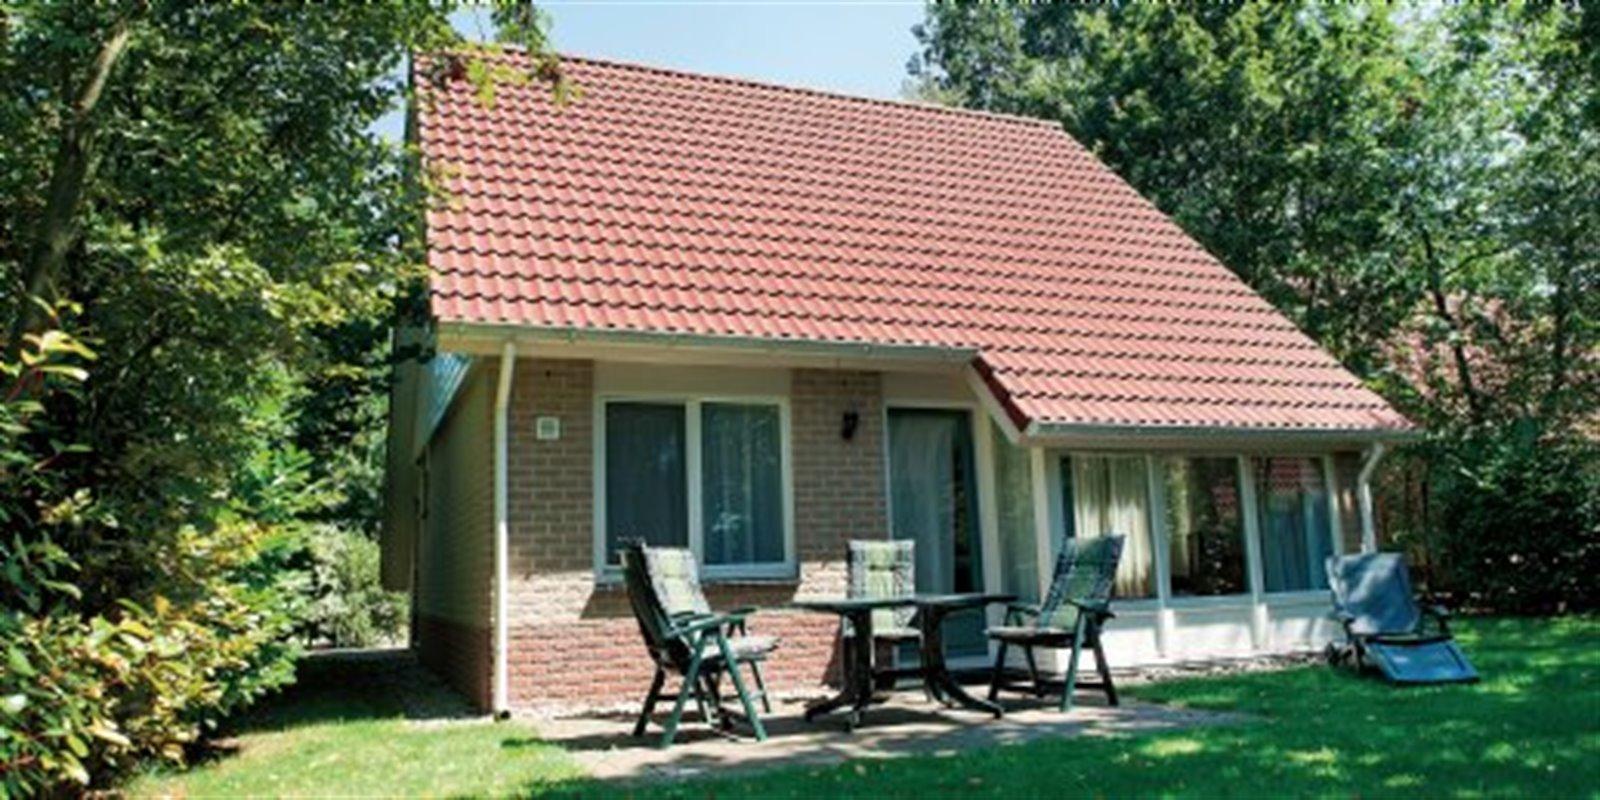 Landal De Vlegge | 4-Pers.-Ferienhaus - Luxus |...